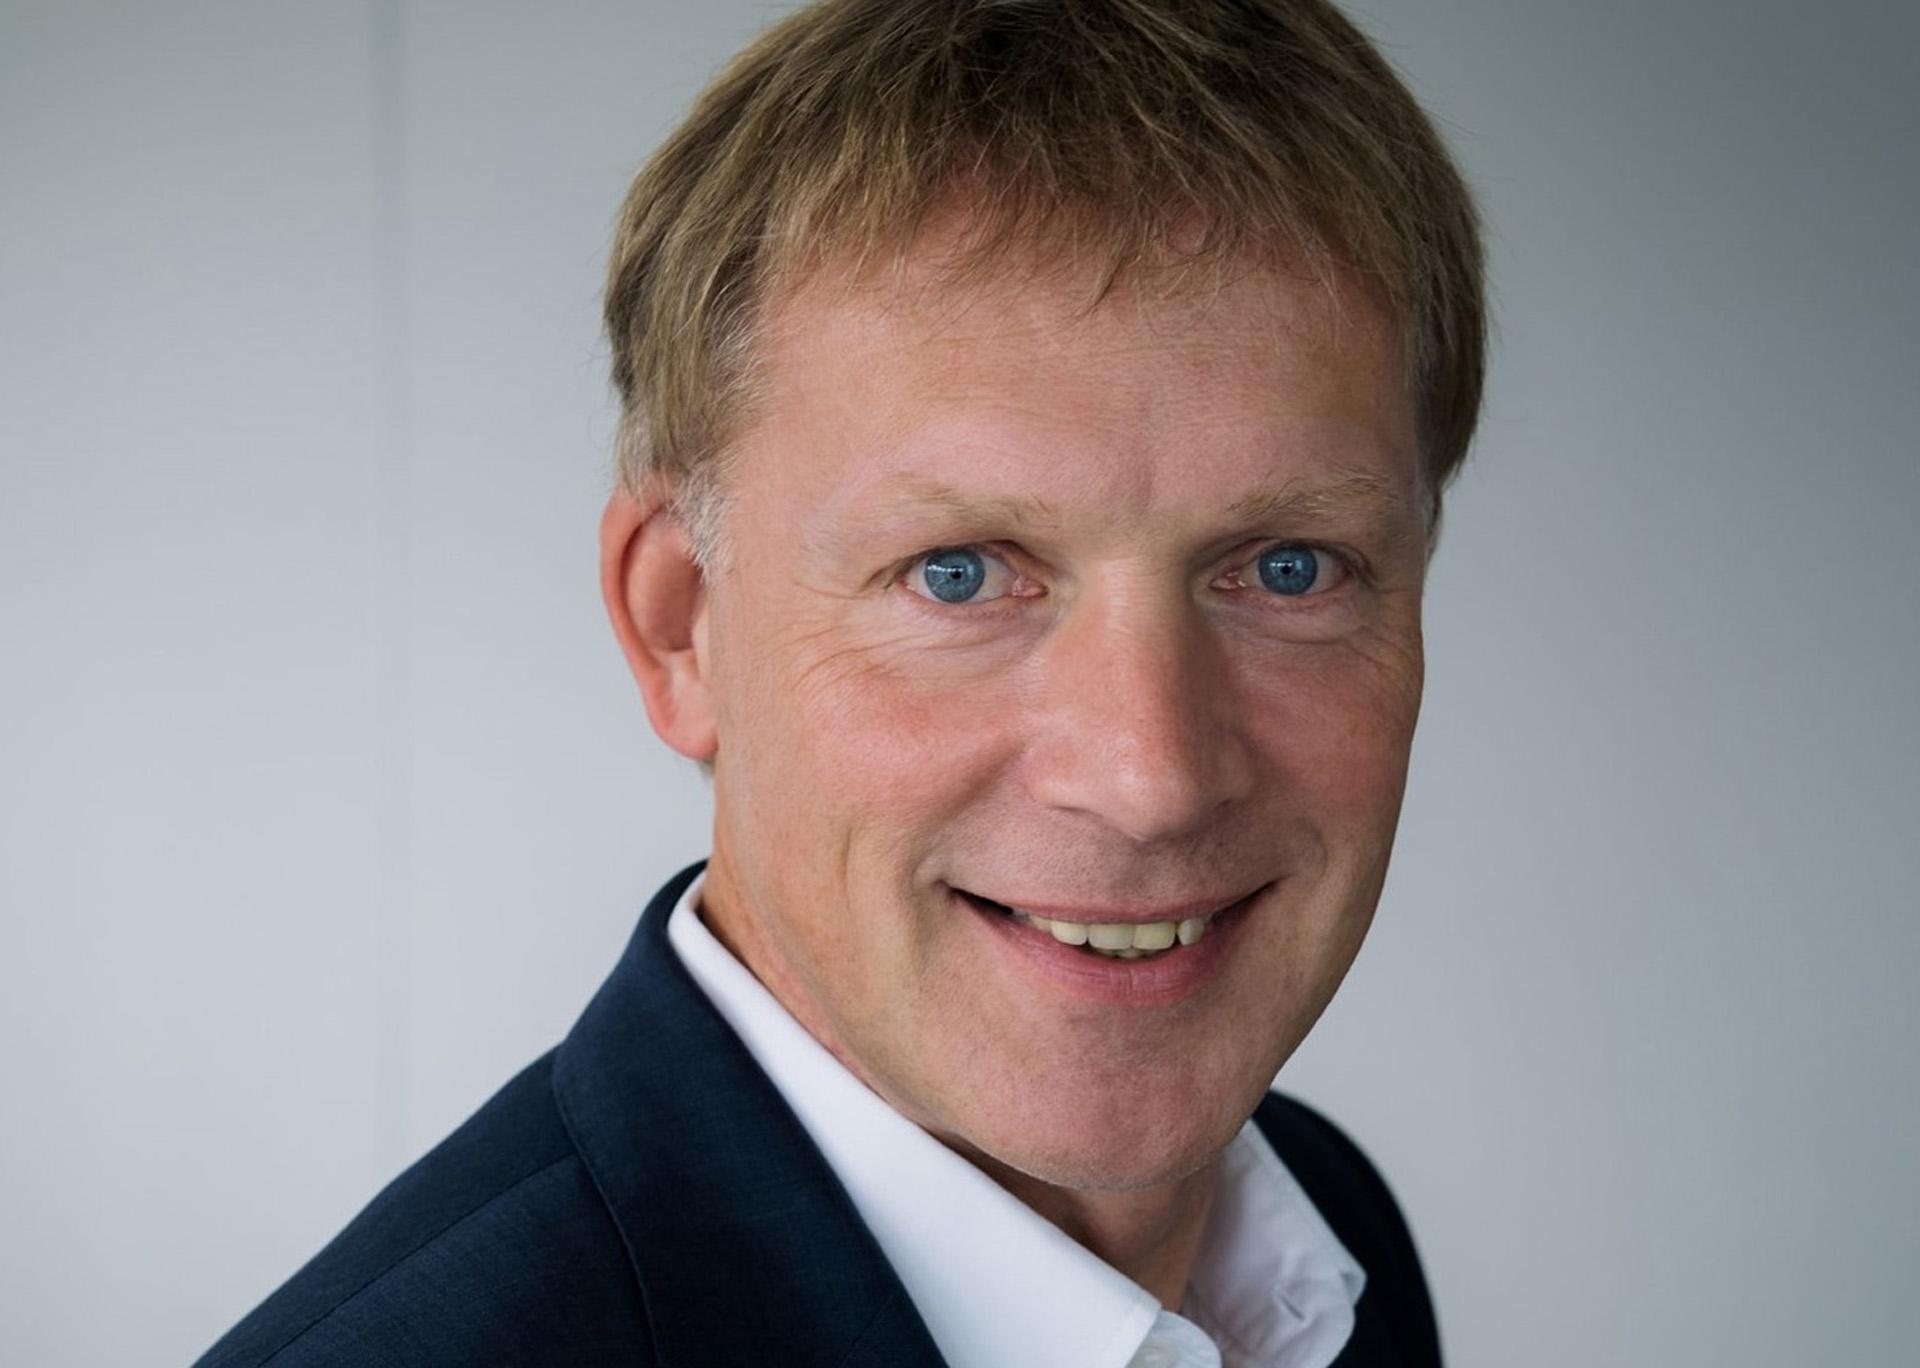 Udo Braam ist geschäftsführender Gesellschafter und Gründer der GML